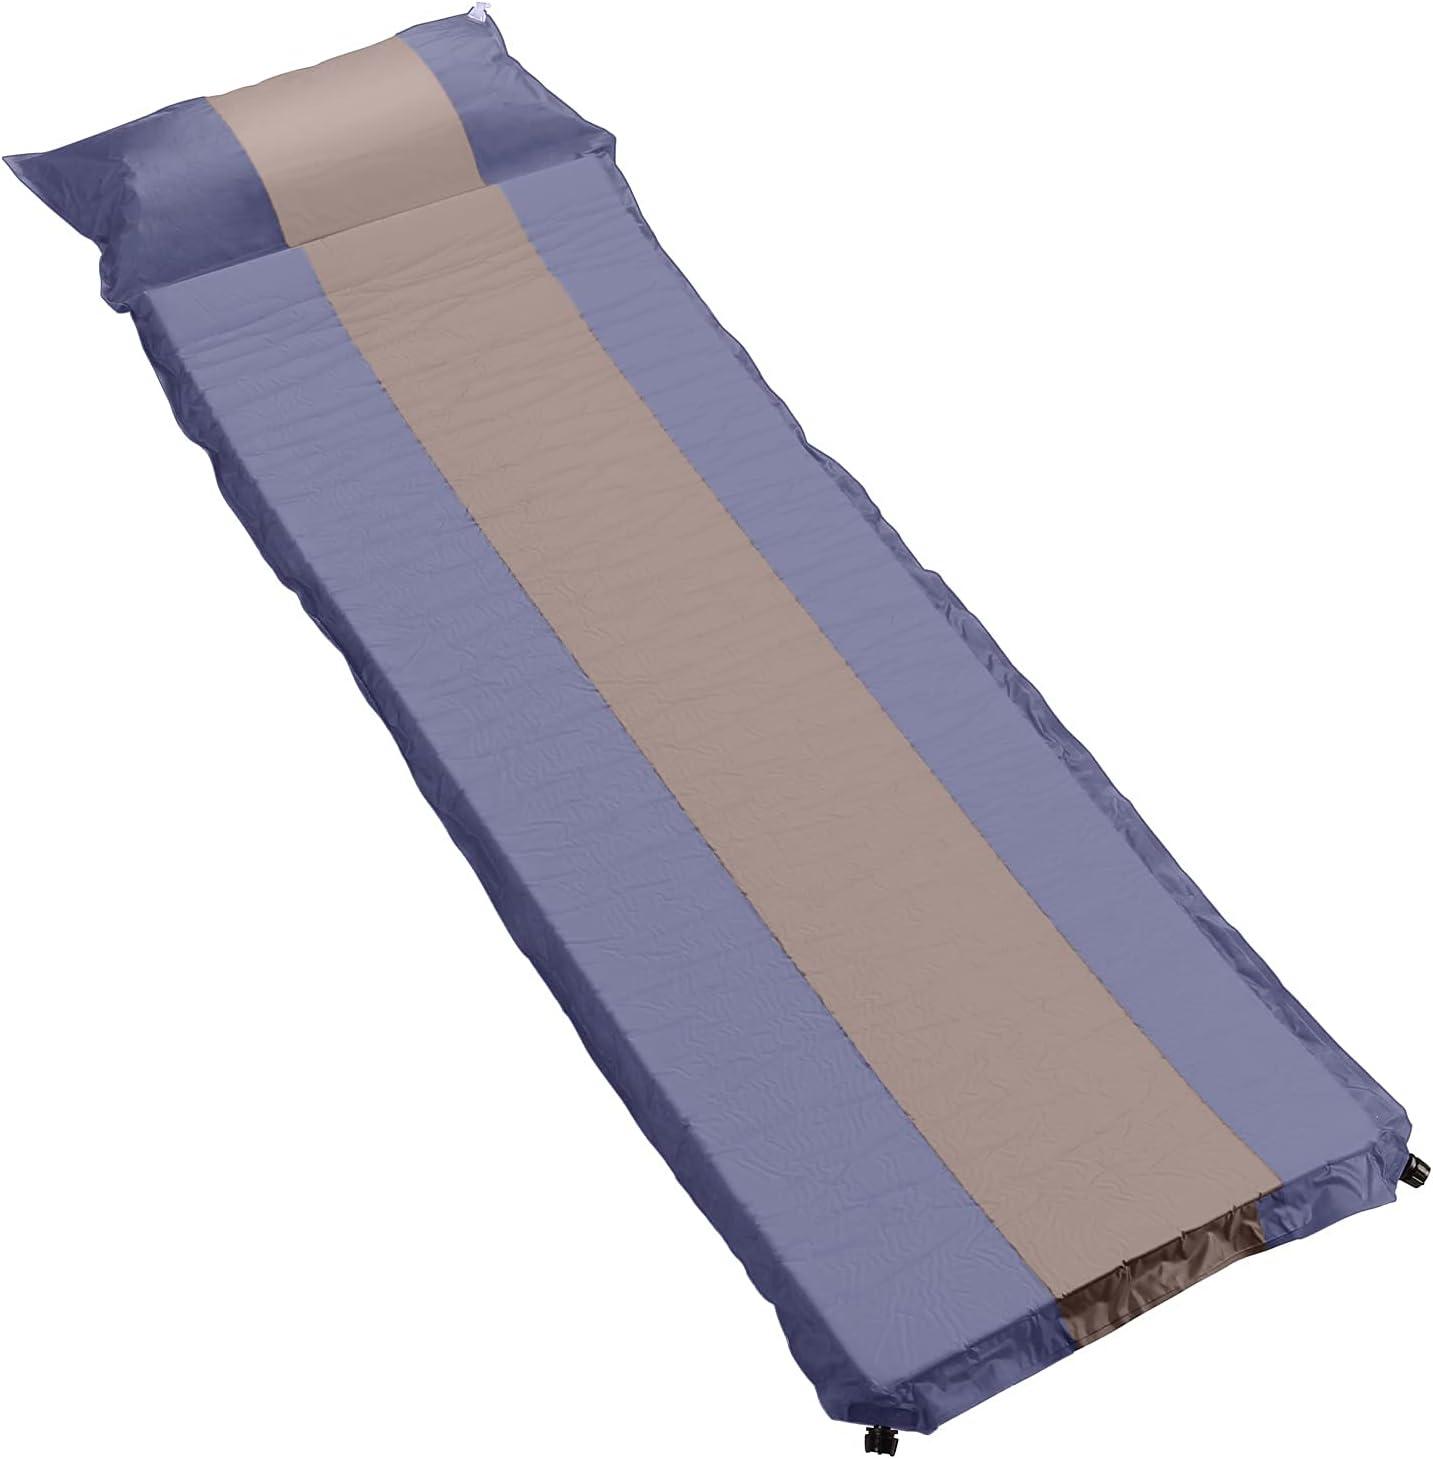 M Cheap HI-Mat Camping Mat Sleeping 4 years warranty Comfortable Pad Soft and